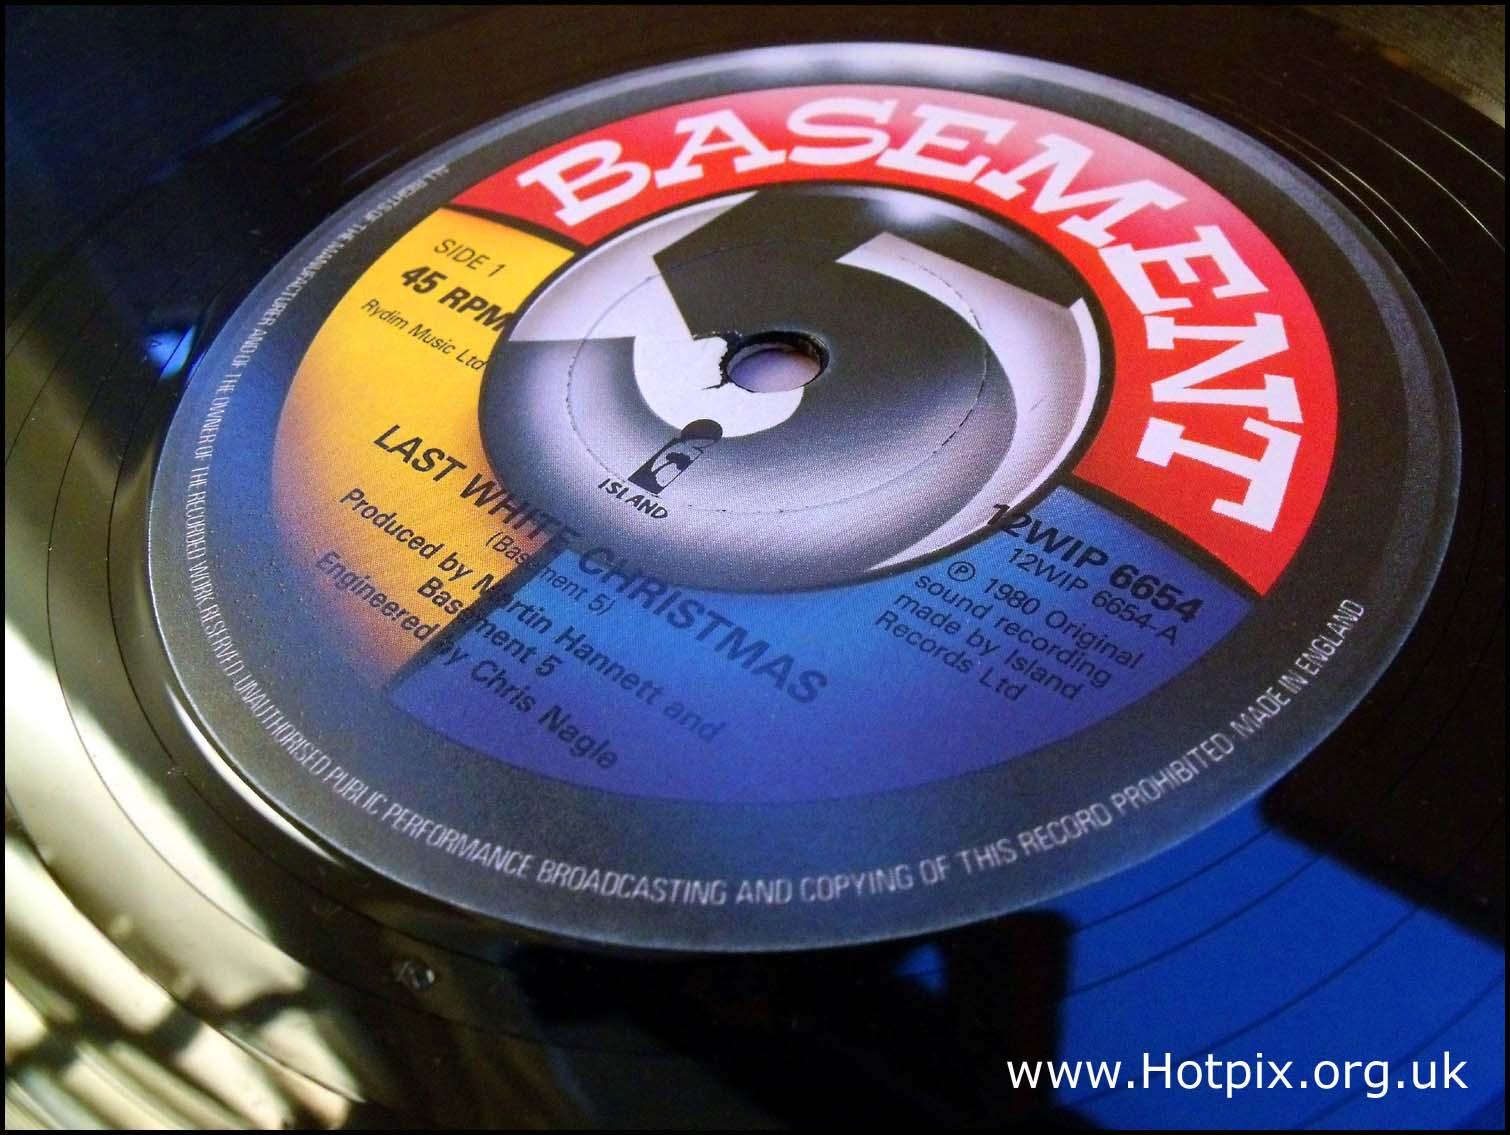 Basement,Five,BasementFive,Basement5,5,vinyle,12,12inch,record,disc,disk,Martin,Hannet,Hannett,MartinHannett,Island,Records,12WIP6654,12WIP,6654,WIP,1980,Chris,Nagle,sex,sexy,hotpix!